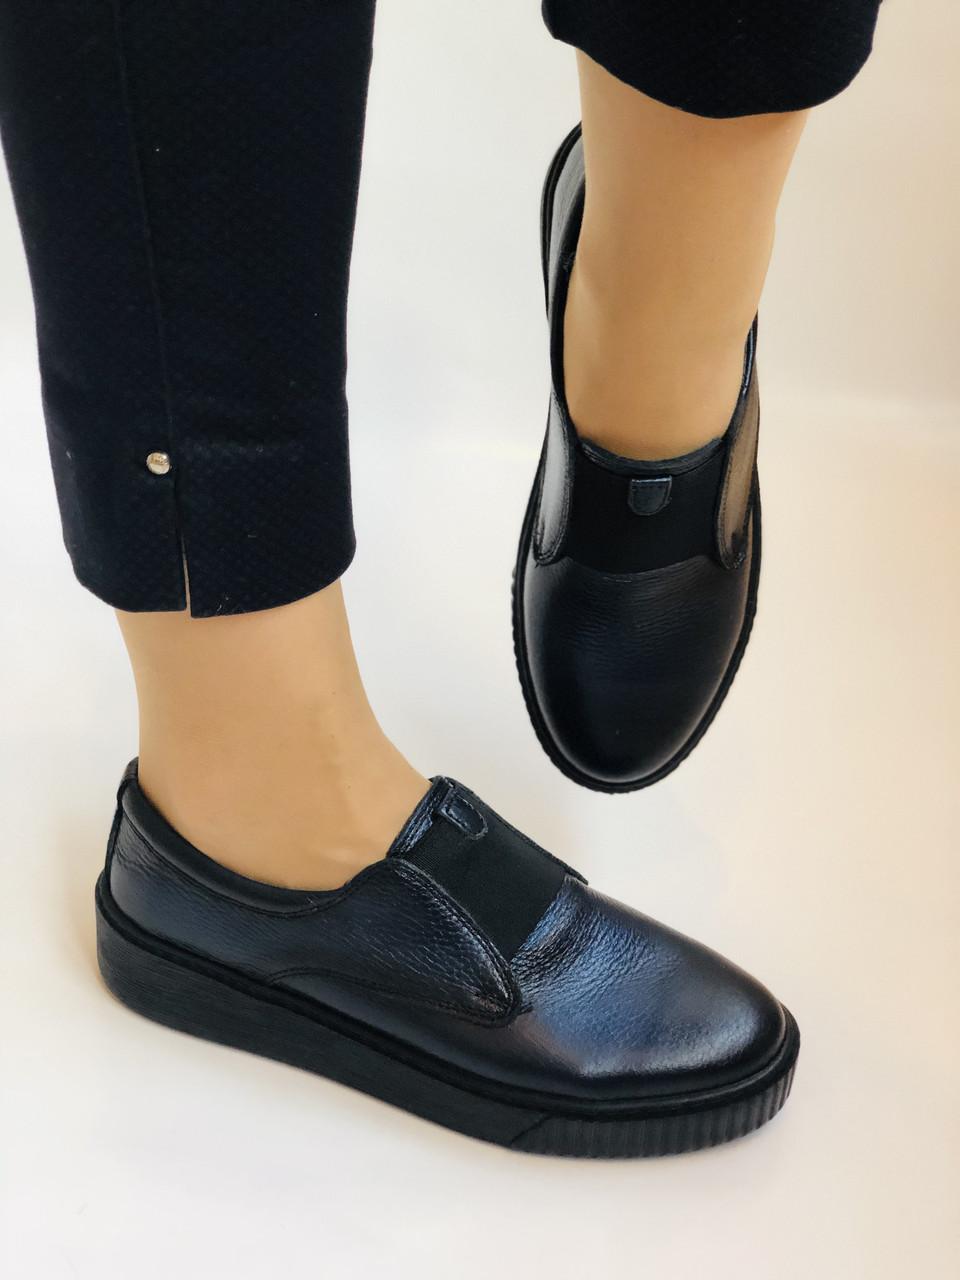 Стильні жіночі туфлі - сліпони. Натуральна шкіра. Темно-синій. Туреччина. р. 36, 37, 39 Vellena